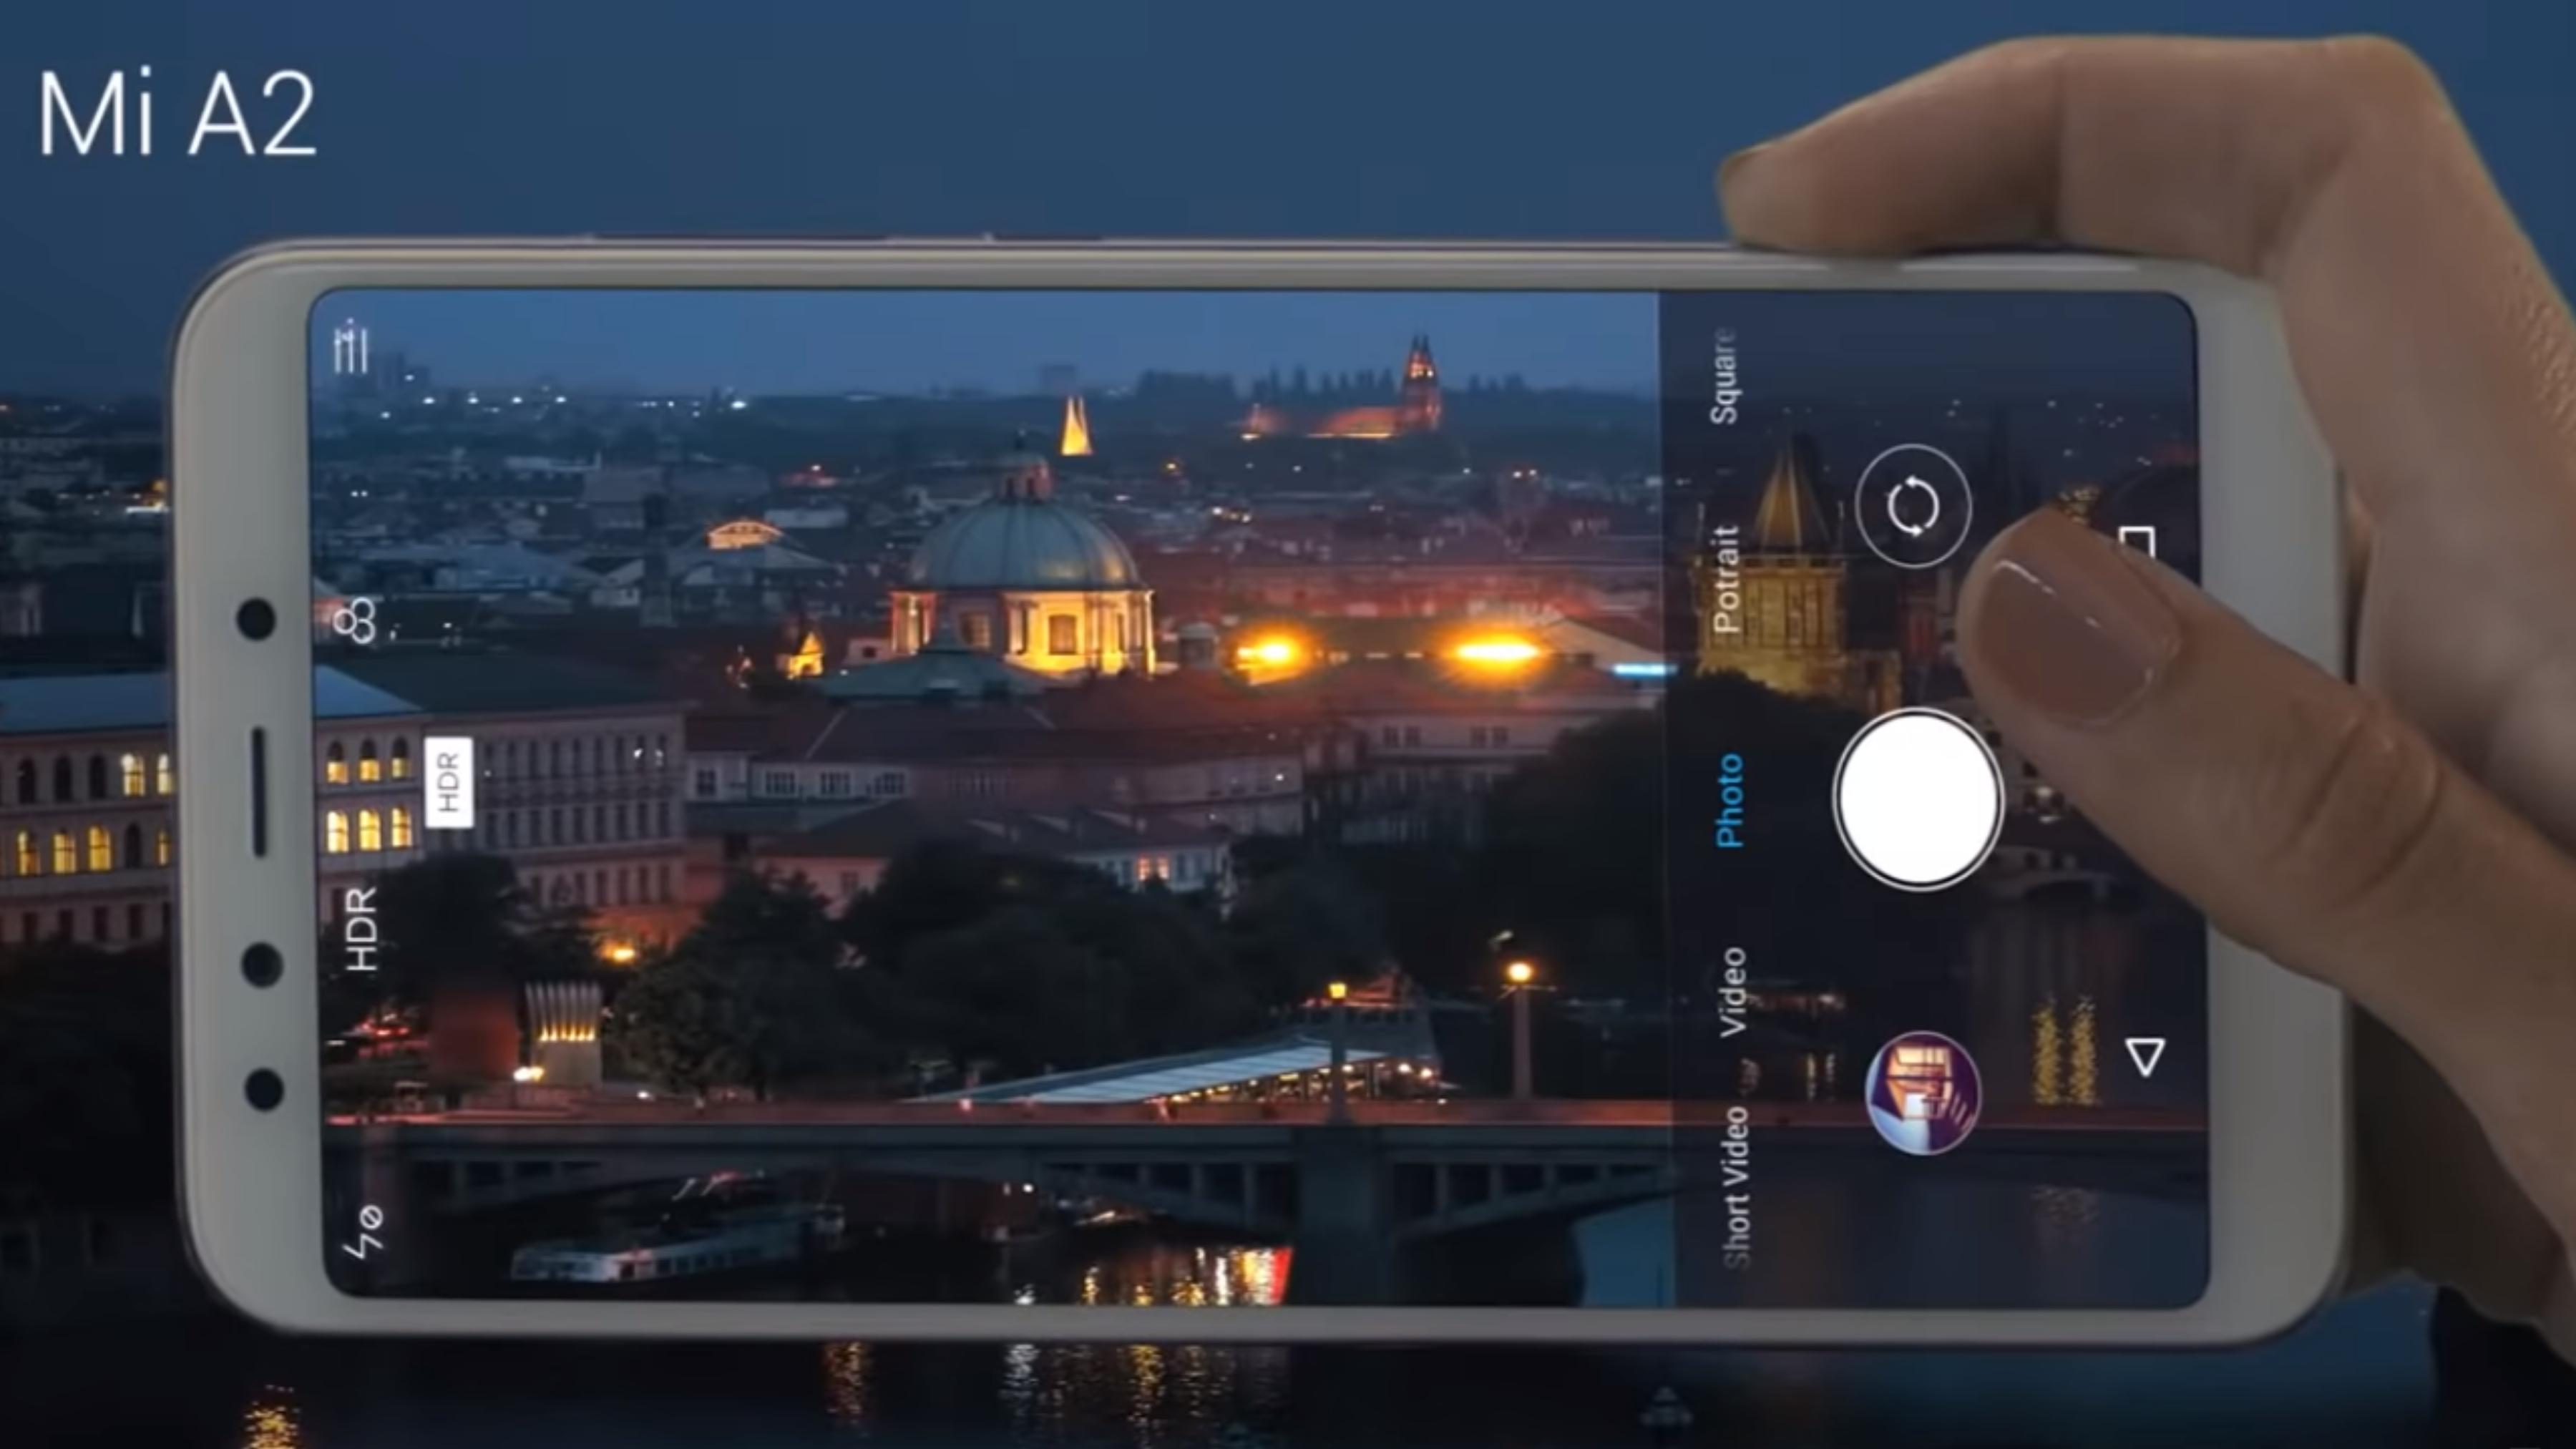 Јануарскиот безбедносен закрпник Xiaomi A2 A2 е достапен за корисниците на Android 2